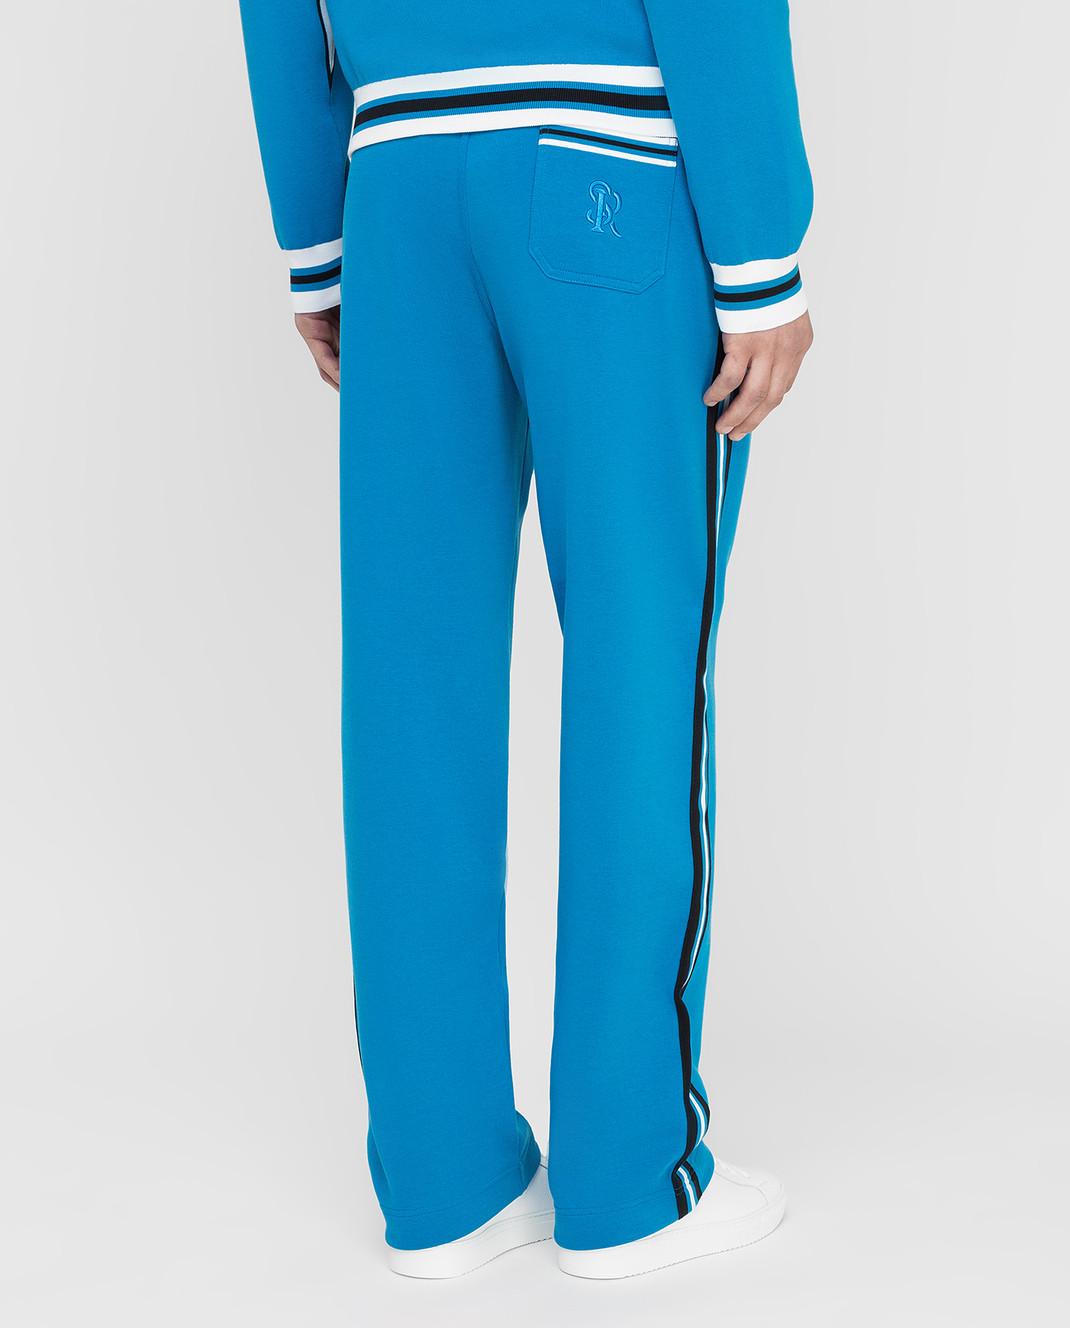 Stefano Ricci Синие спортивные брюки изображение 4